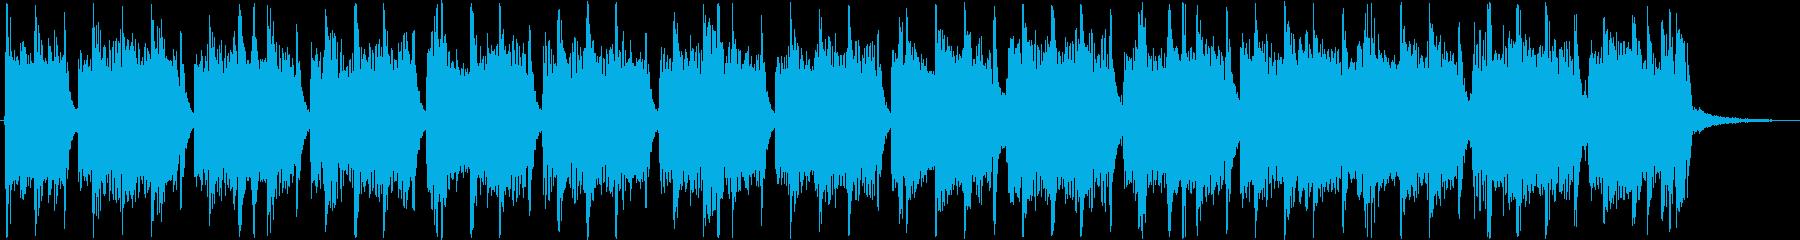 重低音がインパクトあるメロディーの再生済みの波形